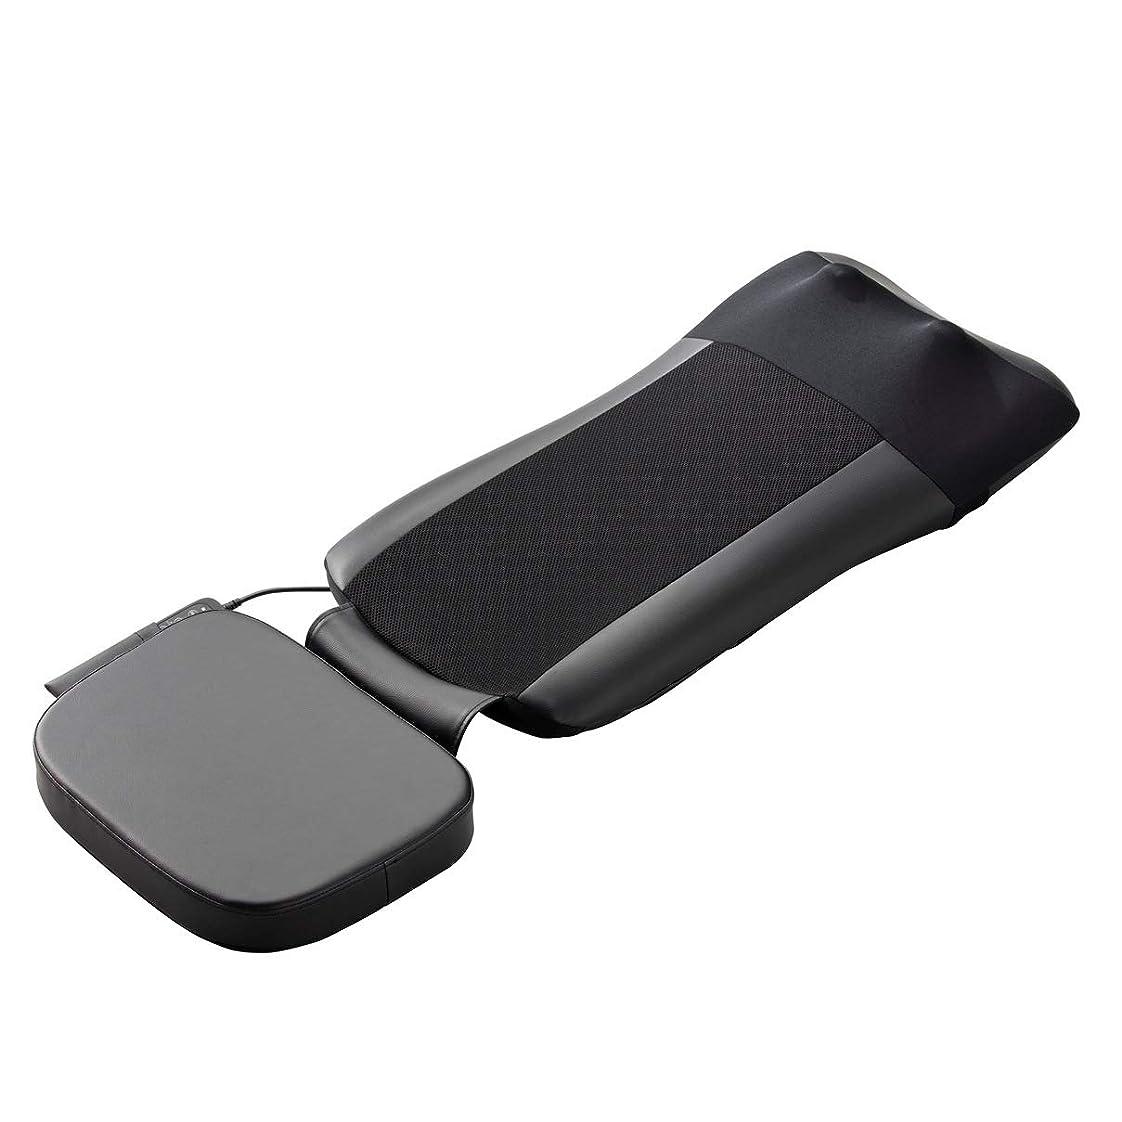 支払うと遊ぶ知的スライヴ マッサージシート 【通販専用モデル】 寝て使用可能 たたき機能搭載 ストレッチコース付き ブラック MD-8671 BK